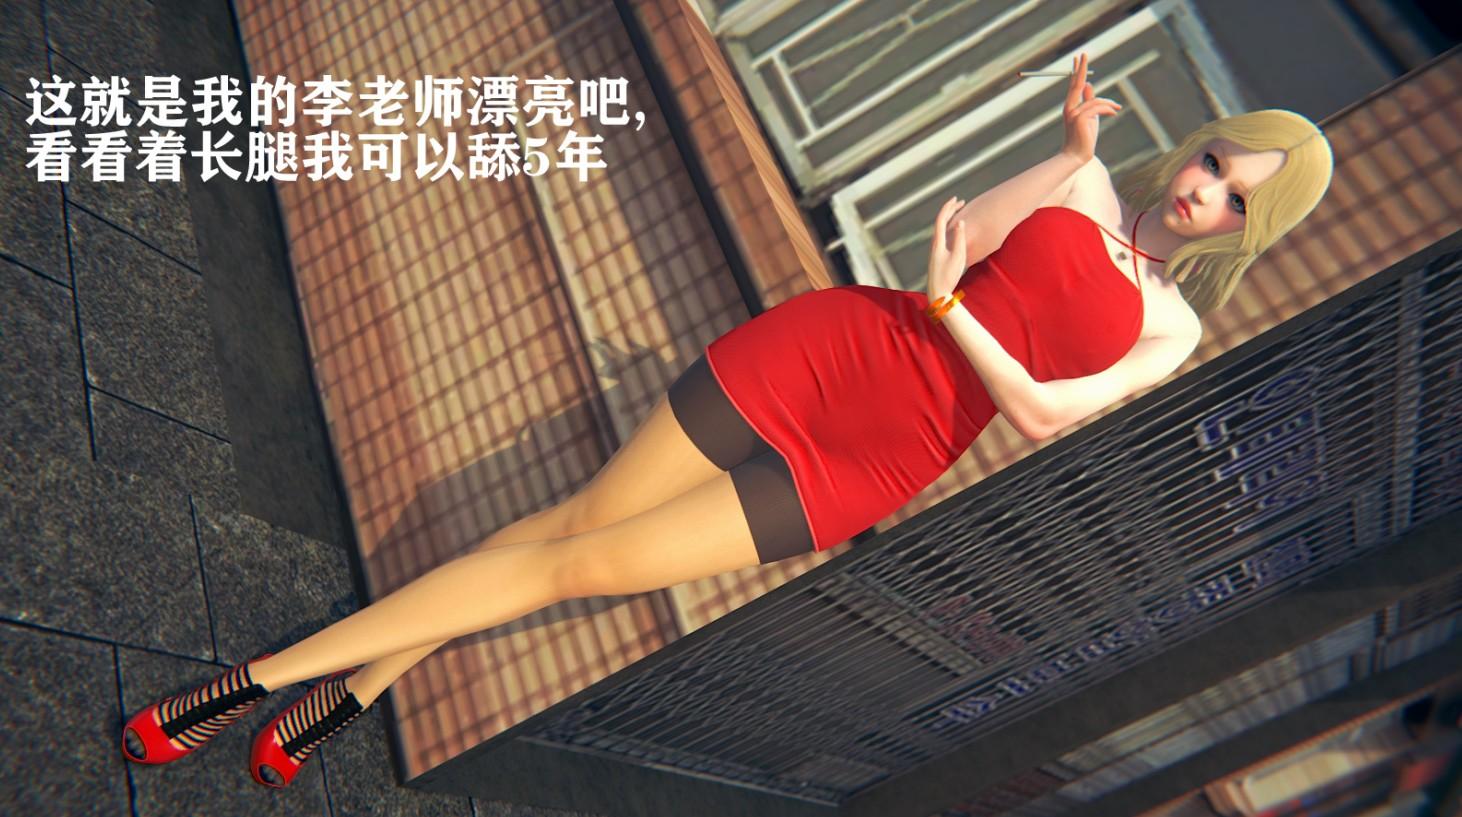 【3D全彩/无修】洛韵溪01-05(不为人知的李老师)[大车拉小马]]【313MB】